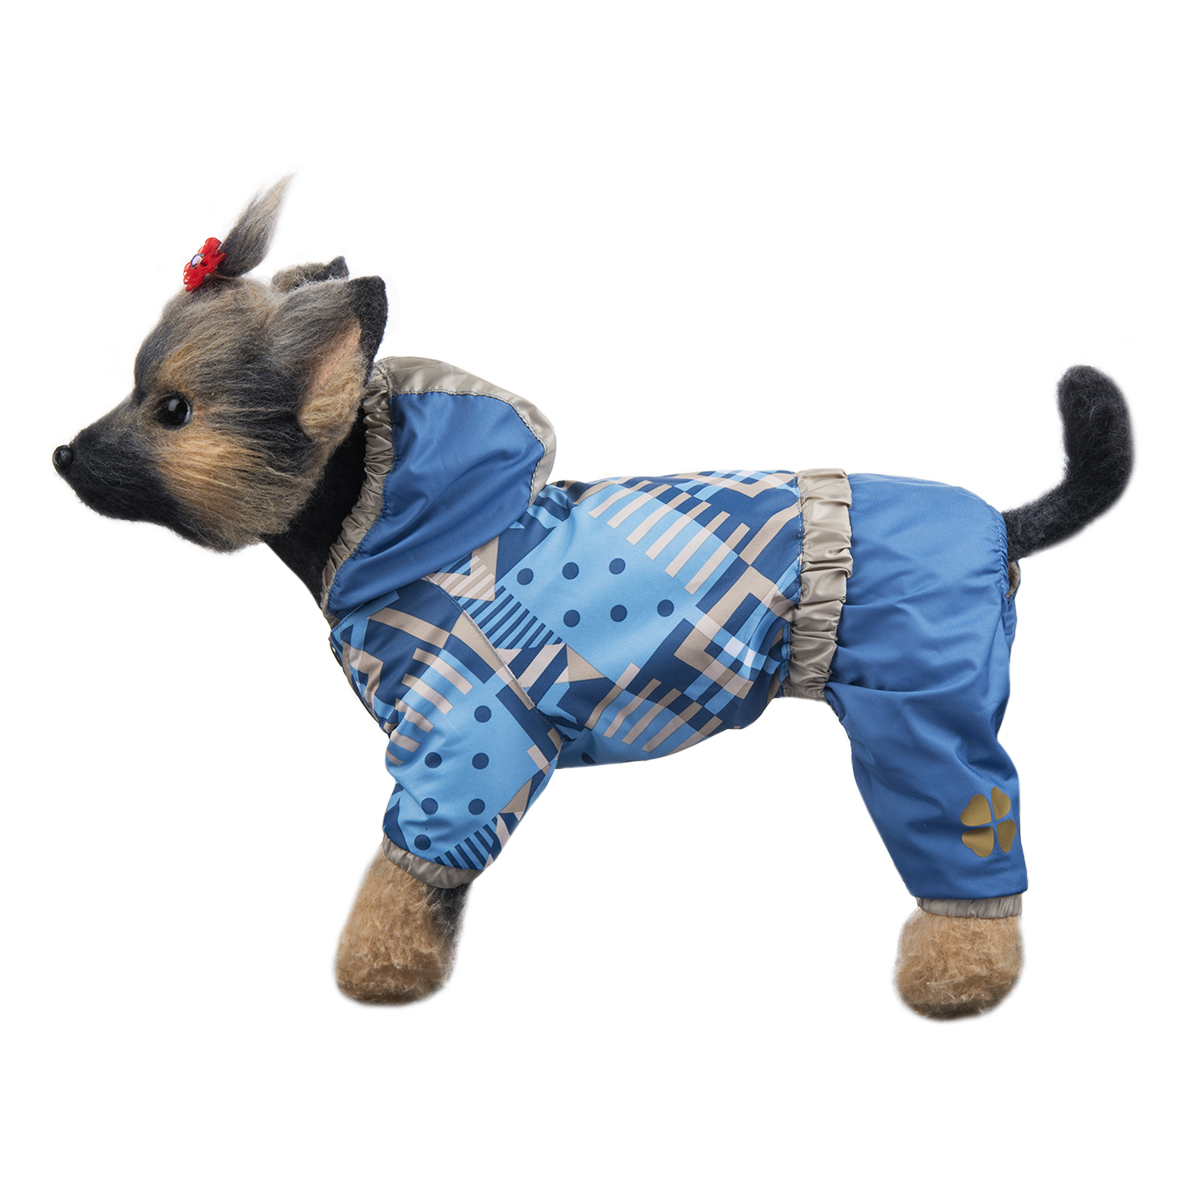 Комбинезон для собак Dogmoda Прогулочный, унисекс, цвет: голубой, серый. Размер 3 (L)